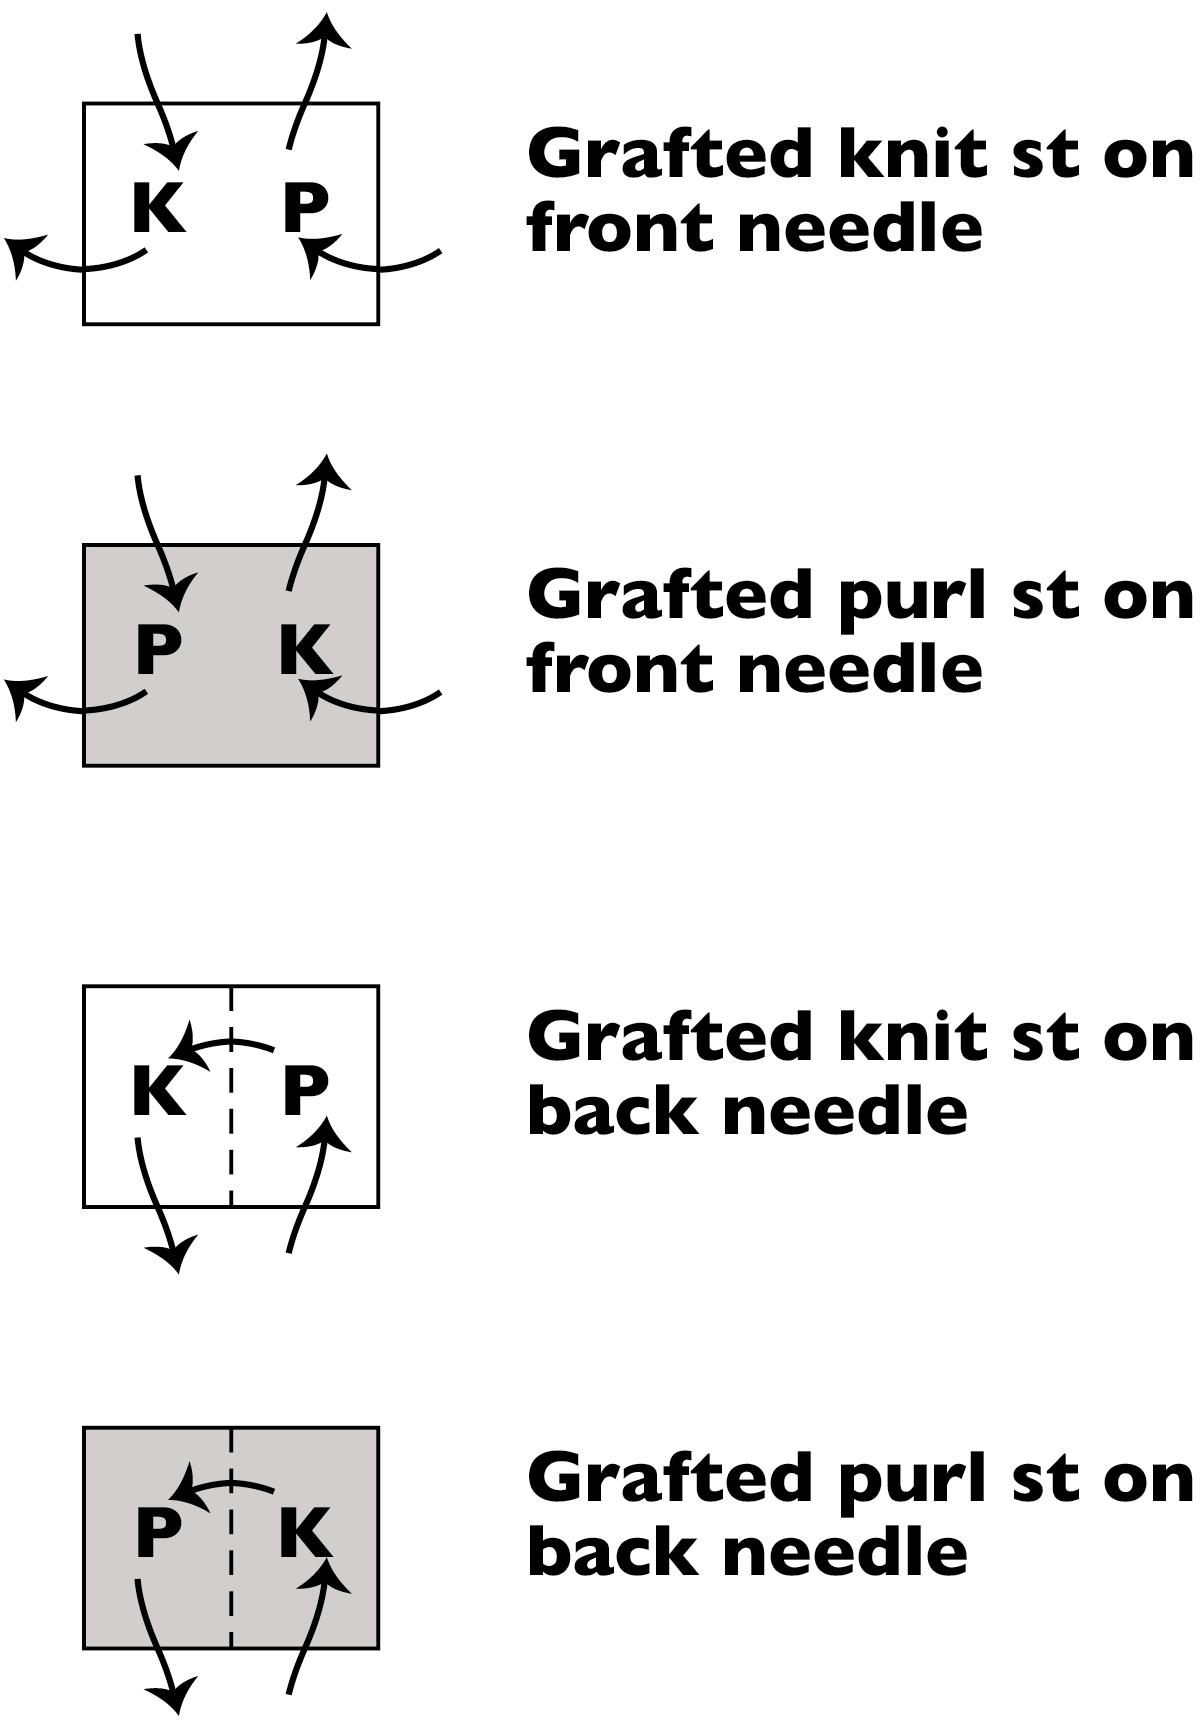 graft knitting